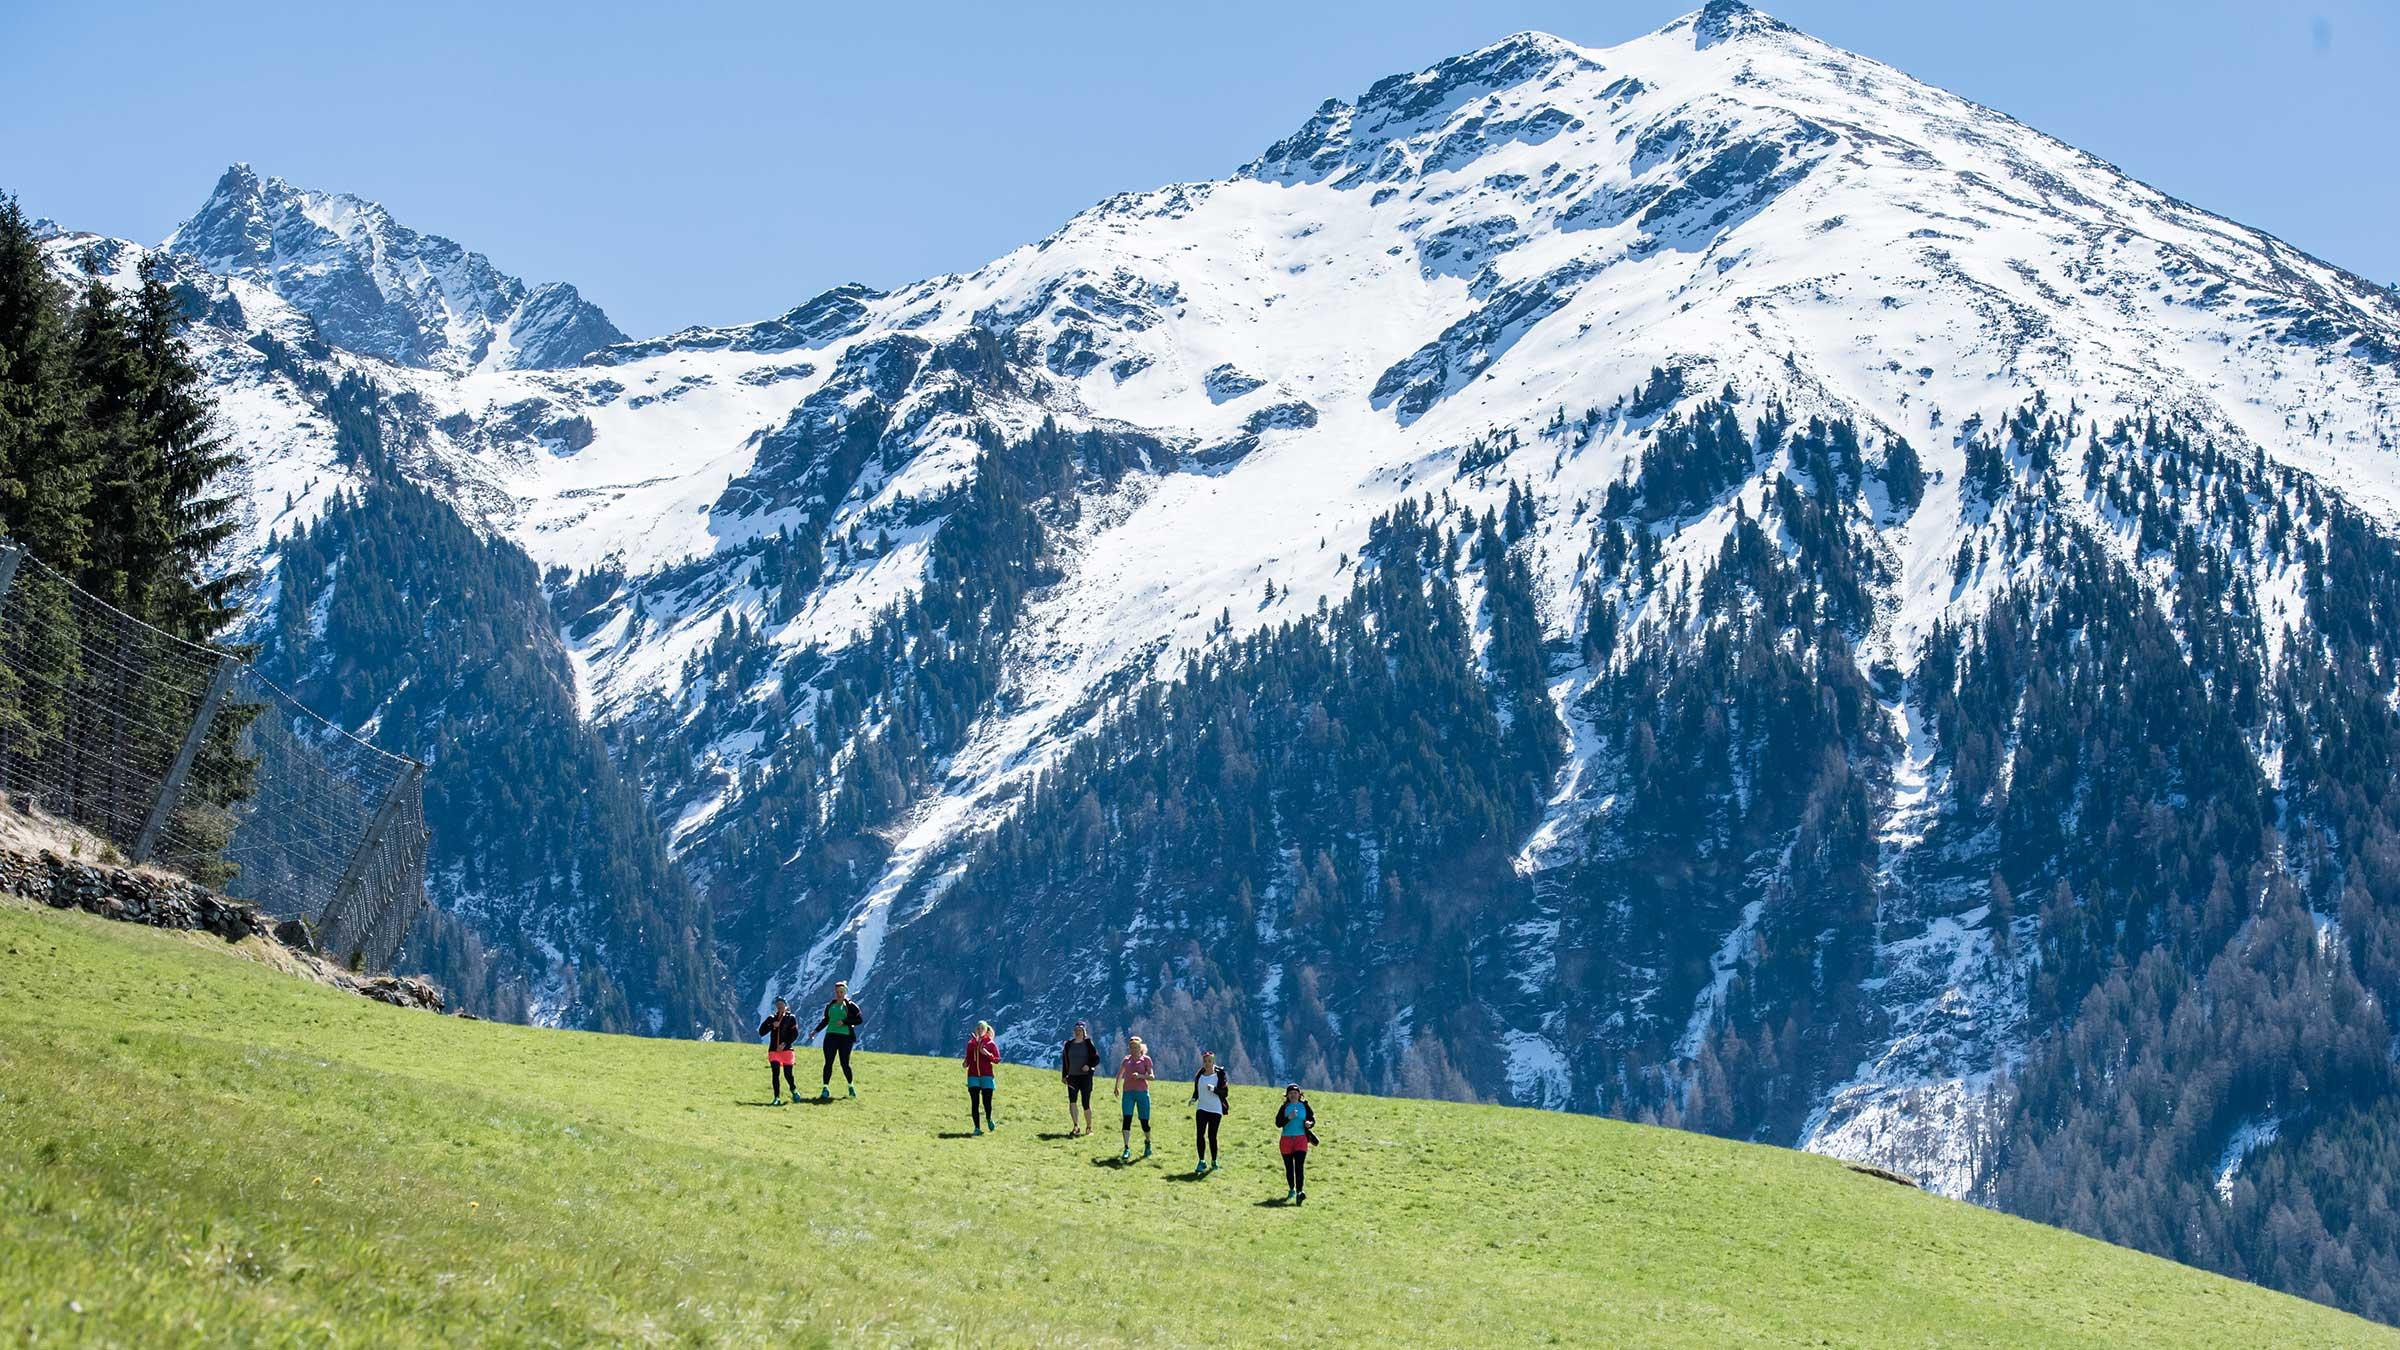 Gruppe Trailrunner vor Bergkulisse - Trailrunning